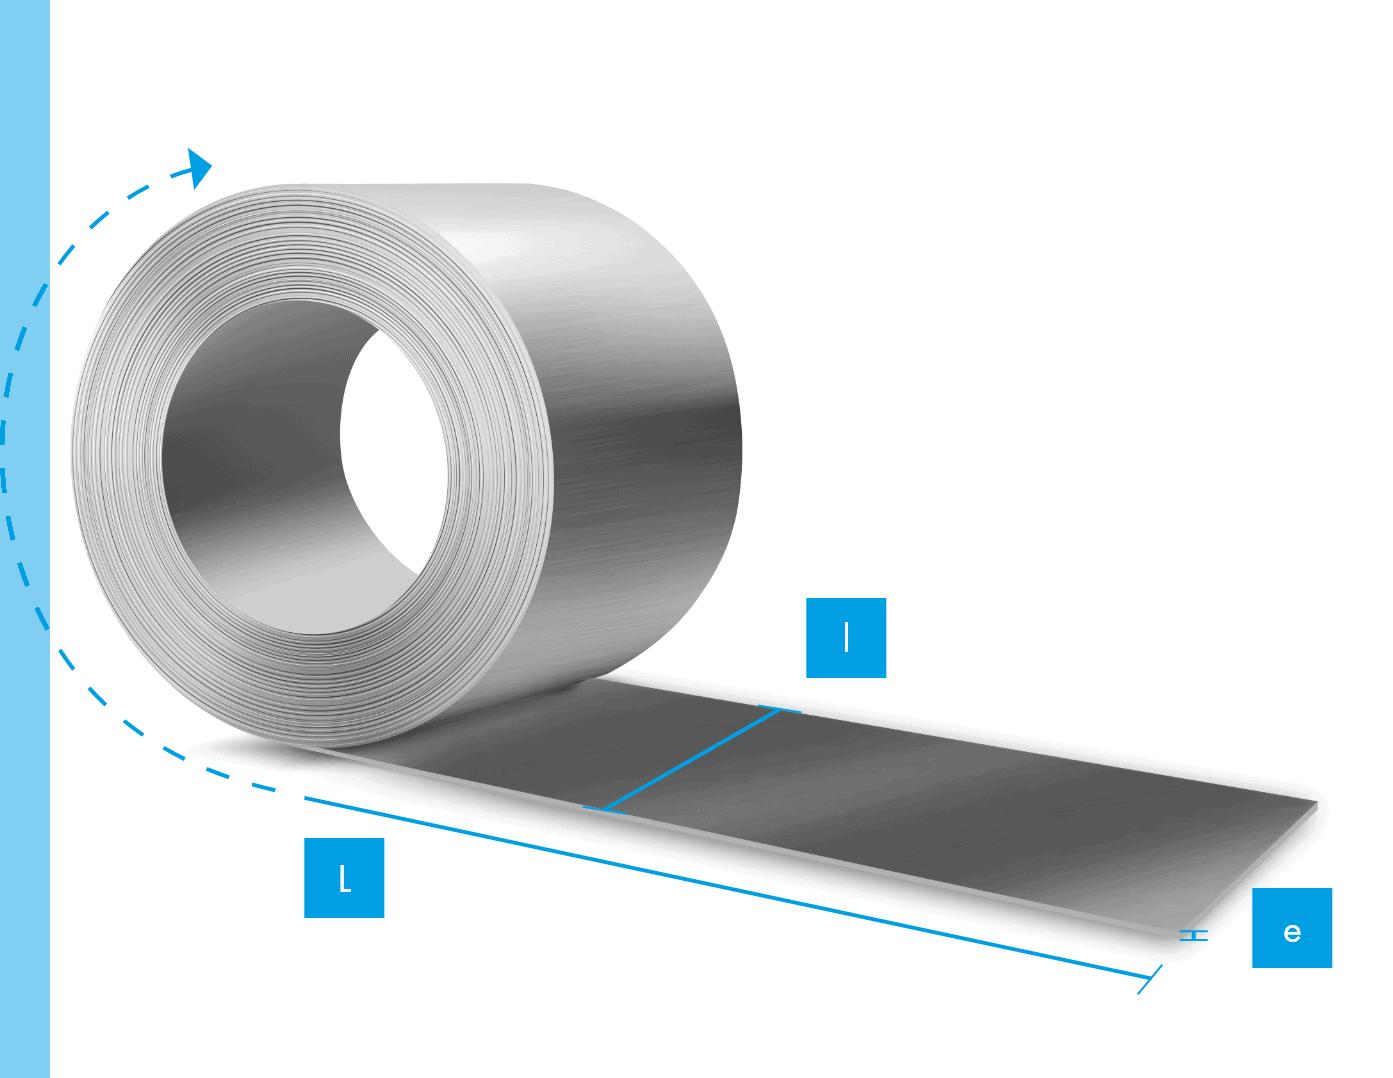 Calculateur de poids de rouleaux / bobine